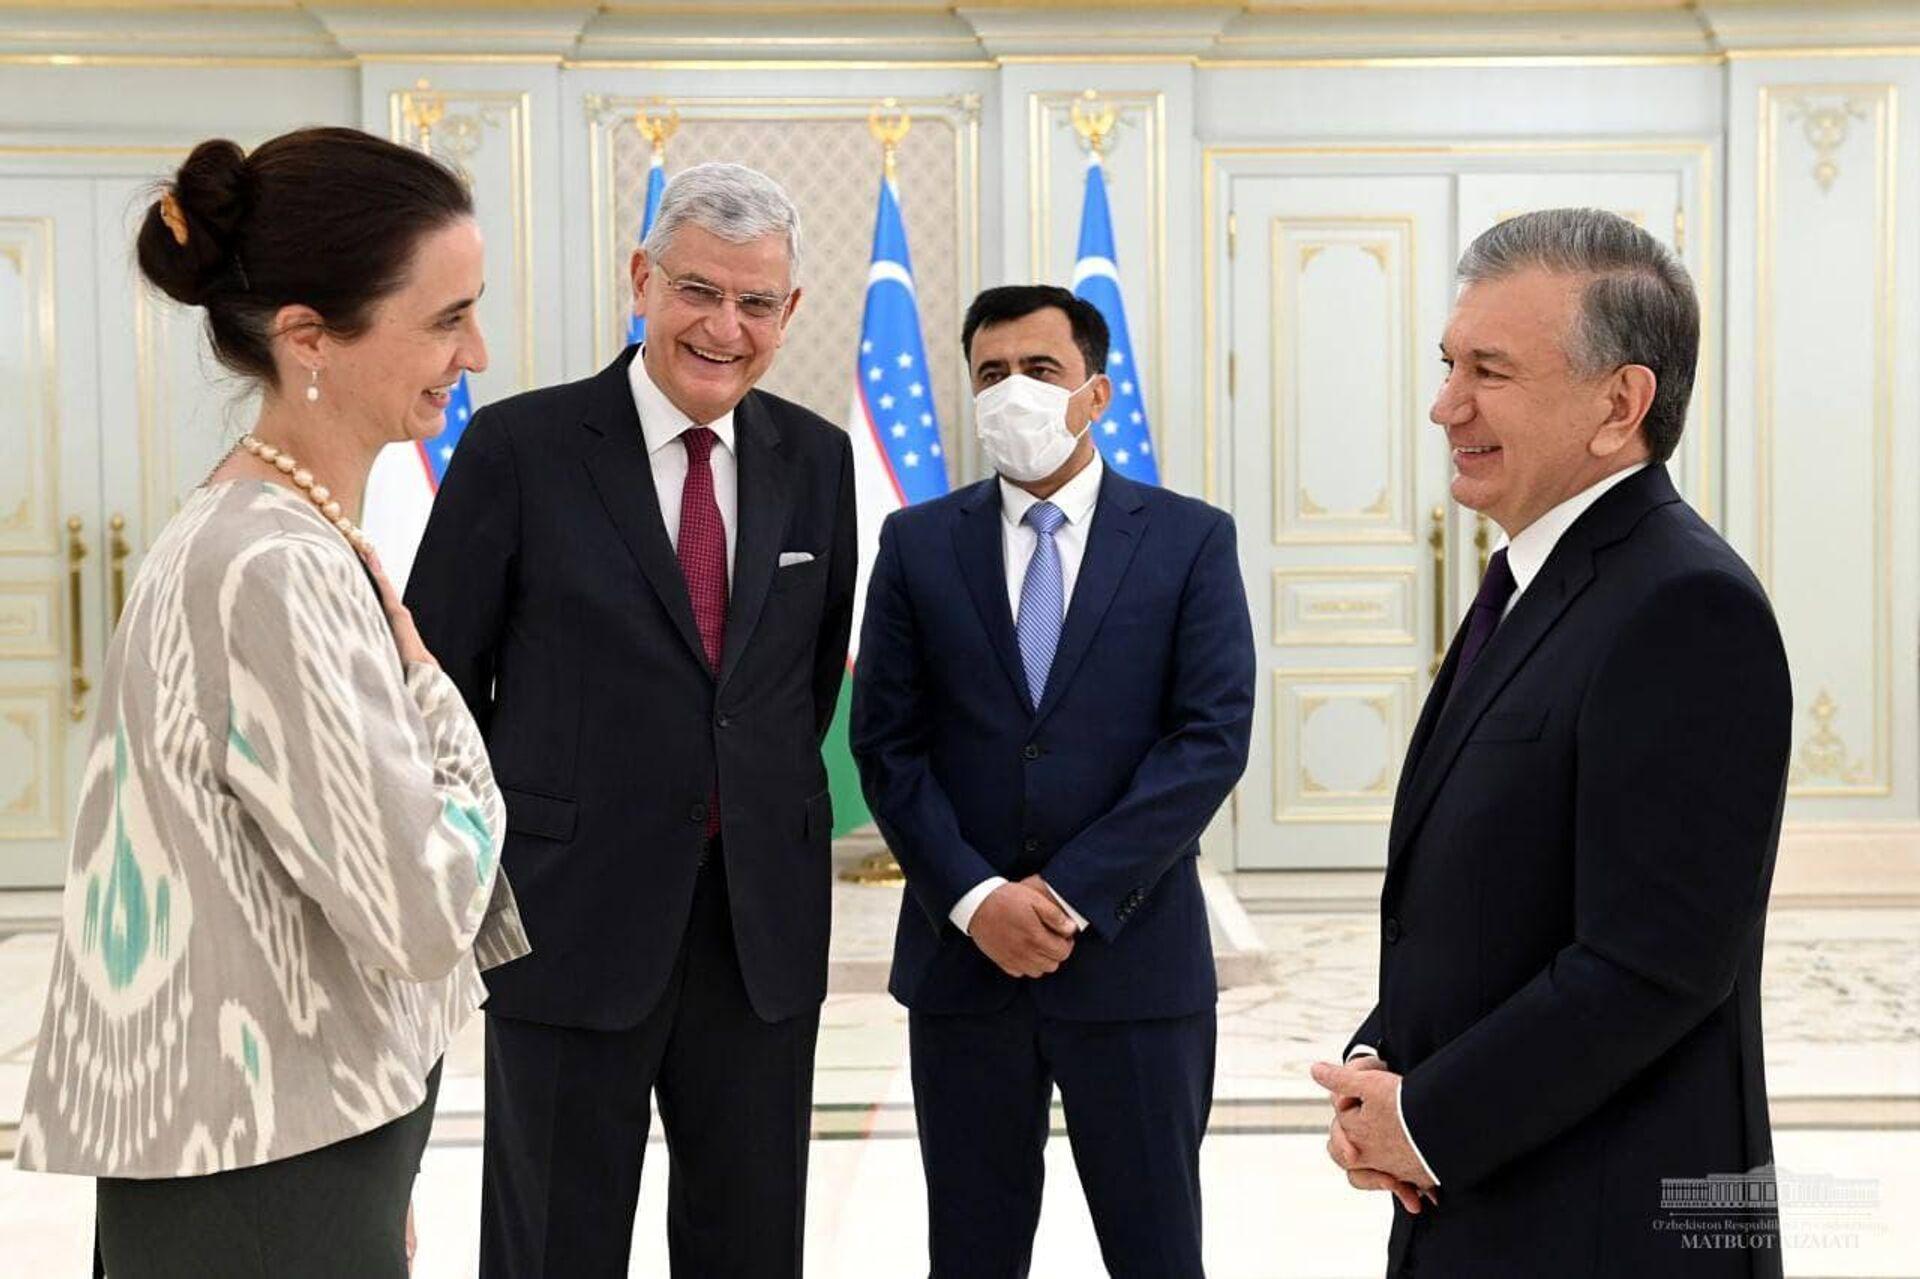 Мирзиёев провел встречу с председателем 75-й сессии Генассамблеи ООН - Sputnik Узбекистан, 1920, 06.07.2021